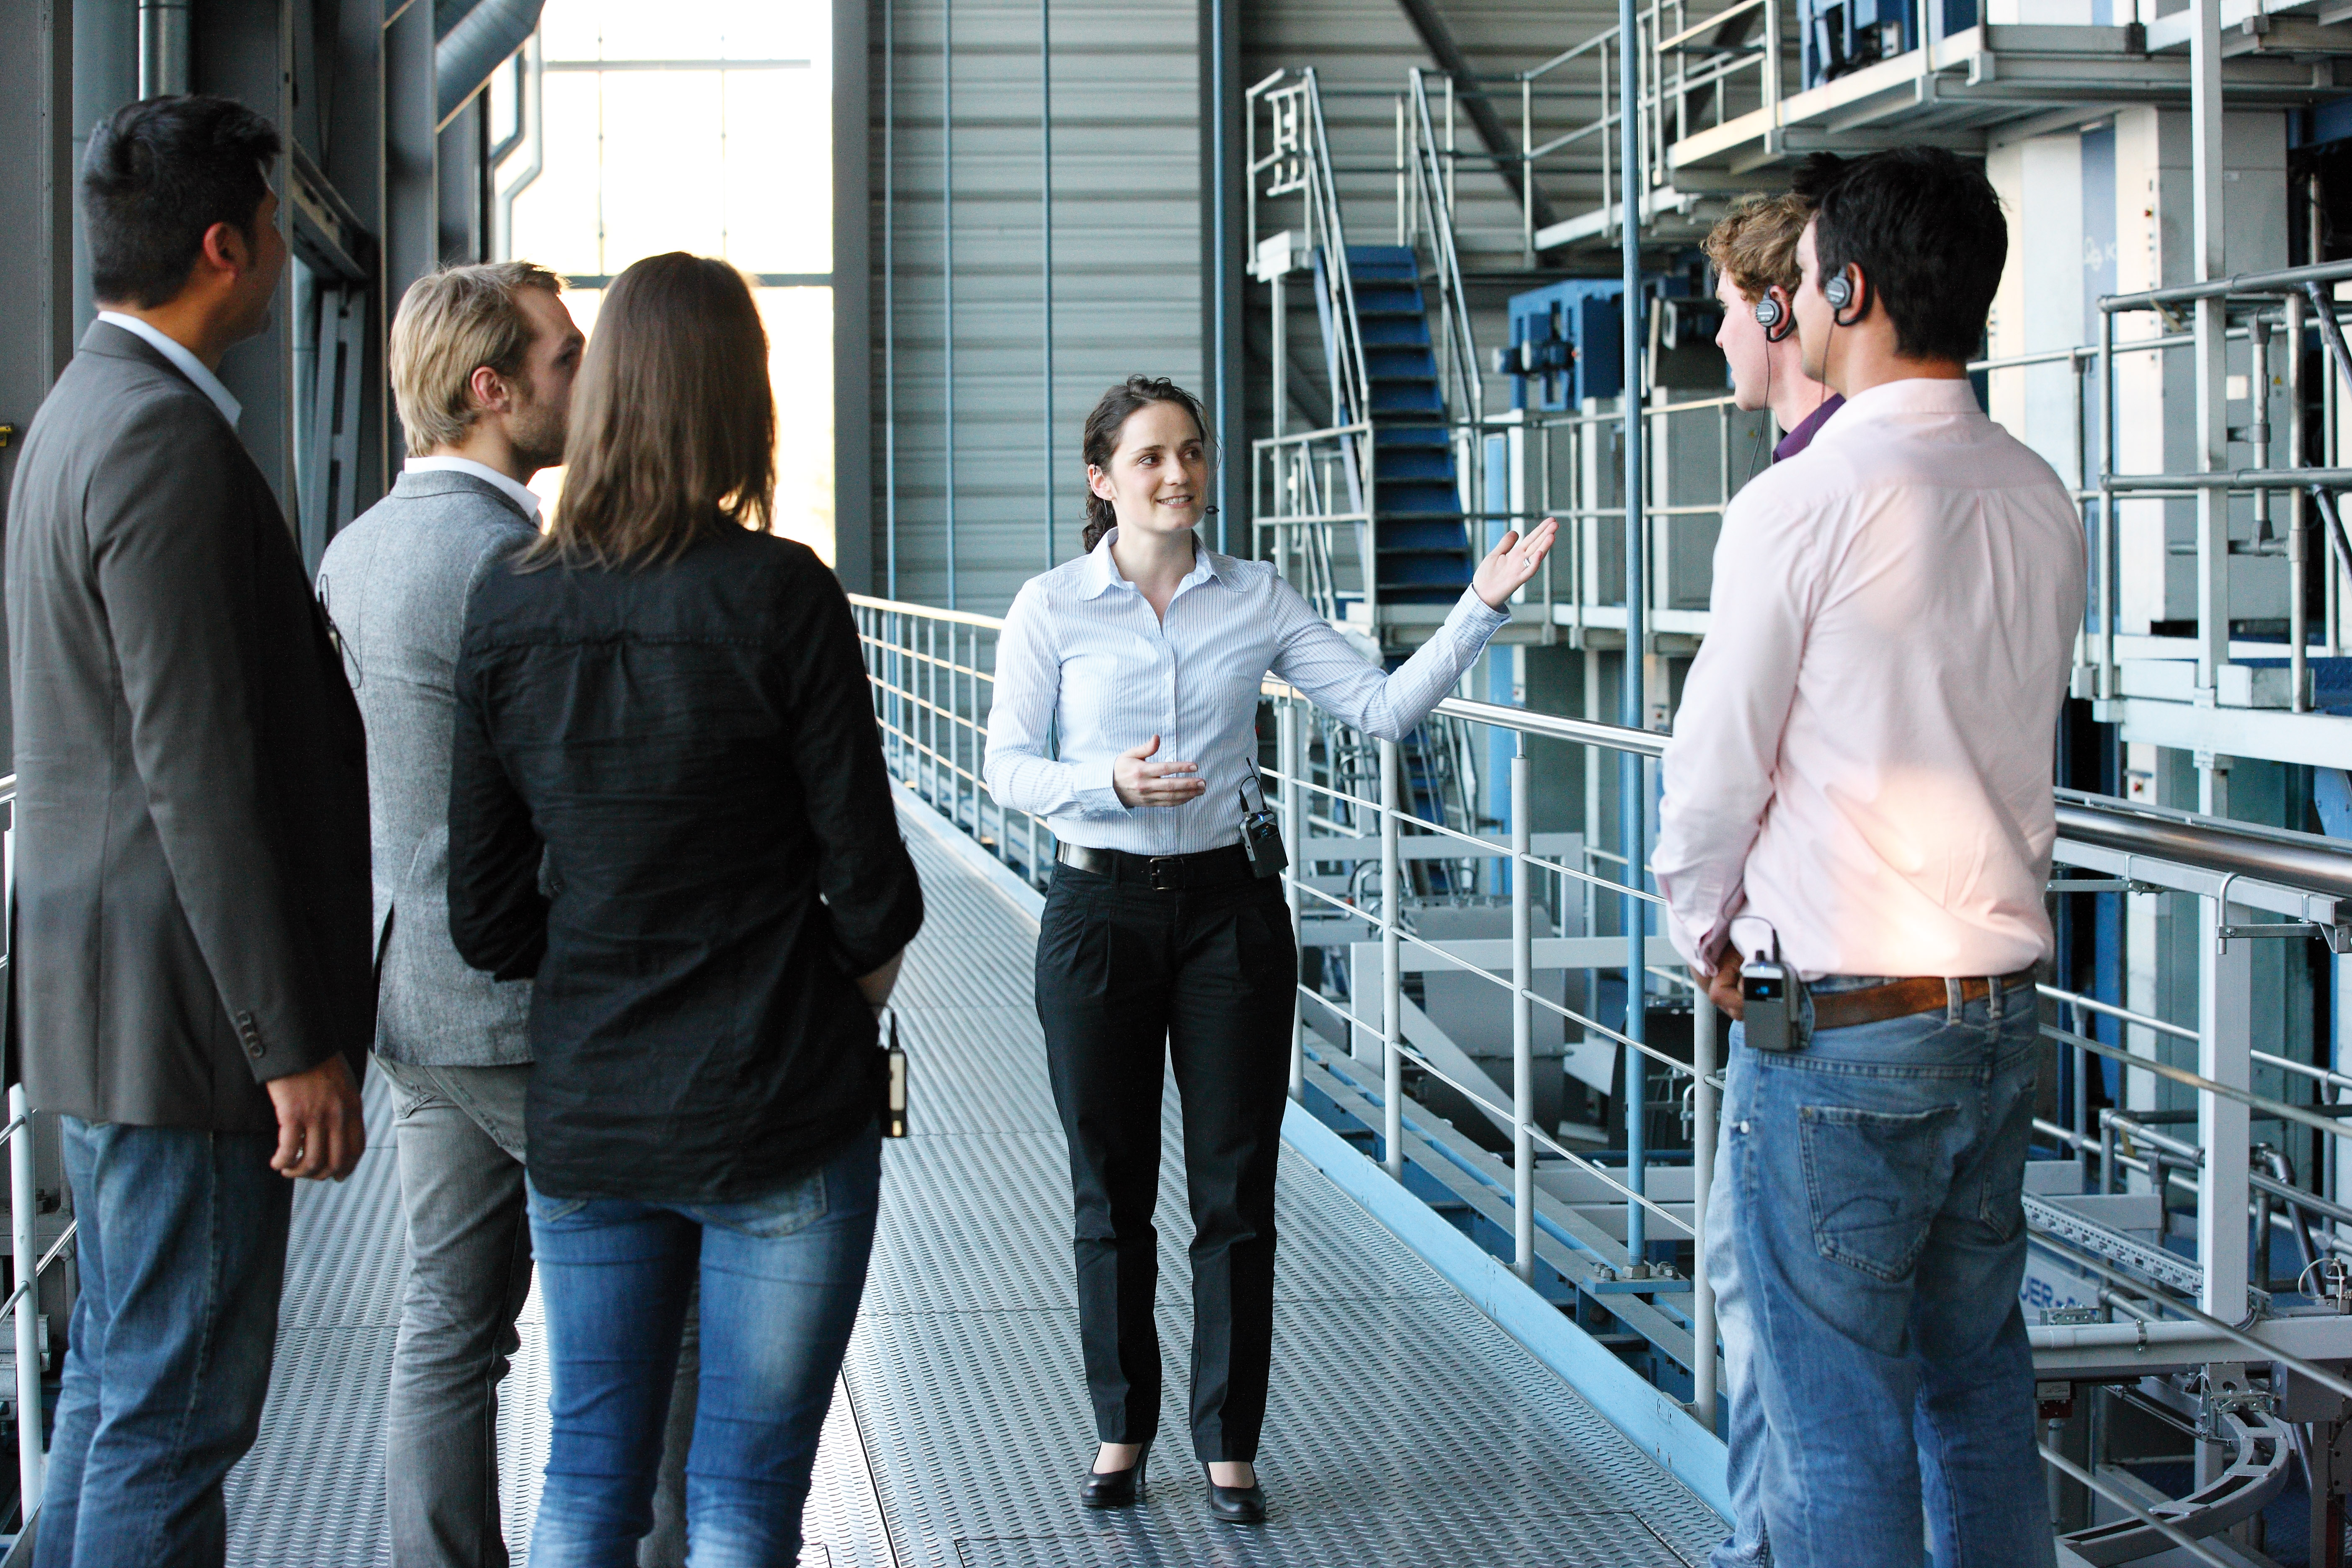 Phiên dịch tại Nhà Máy, phiên dịch chuyên nghiệp tại Nhà Máy